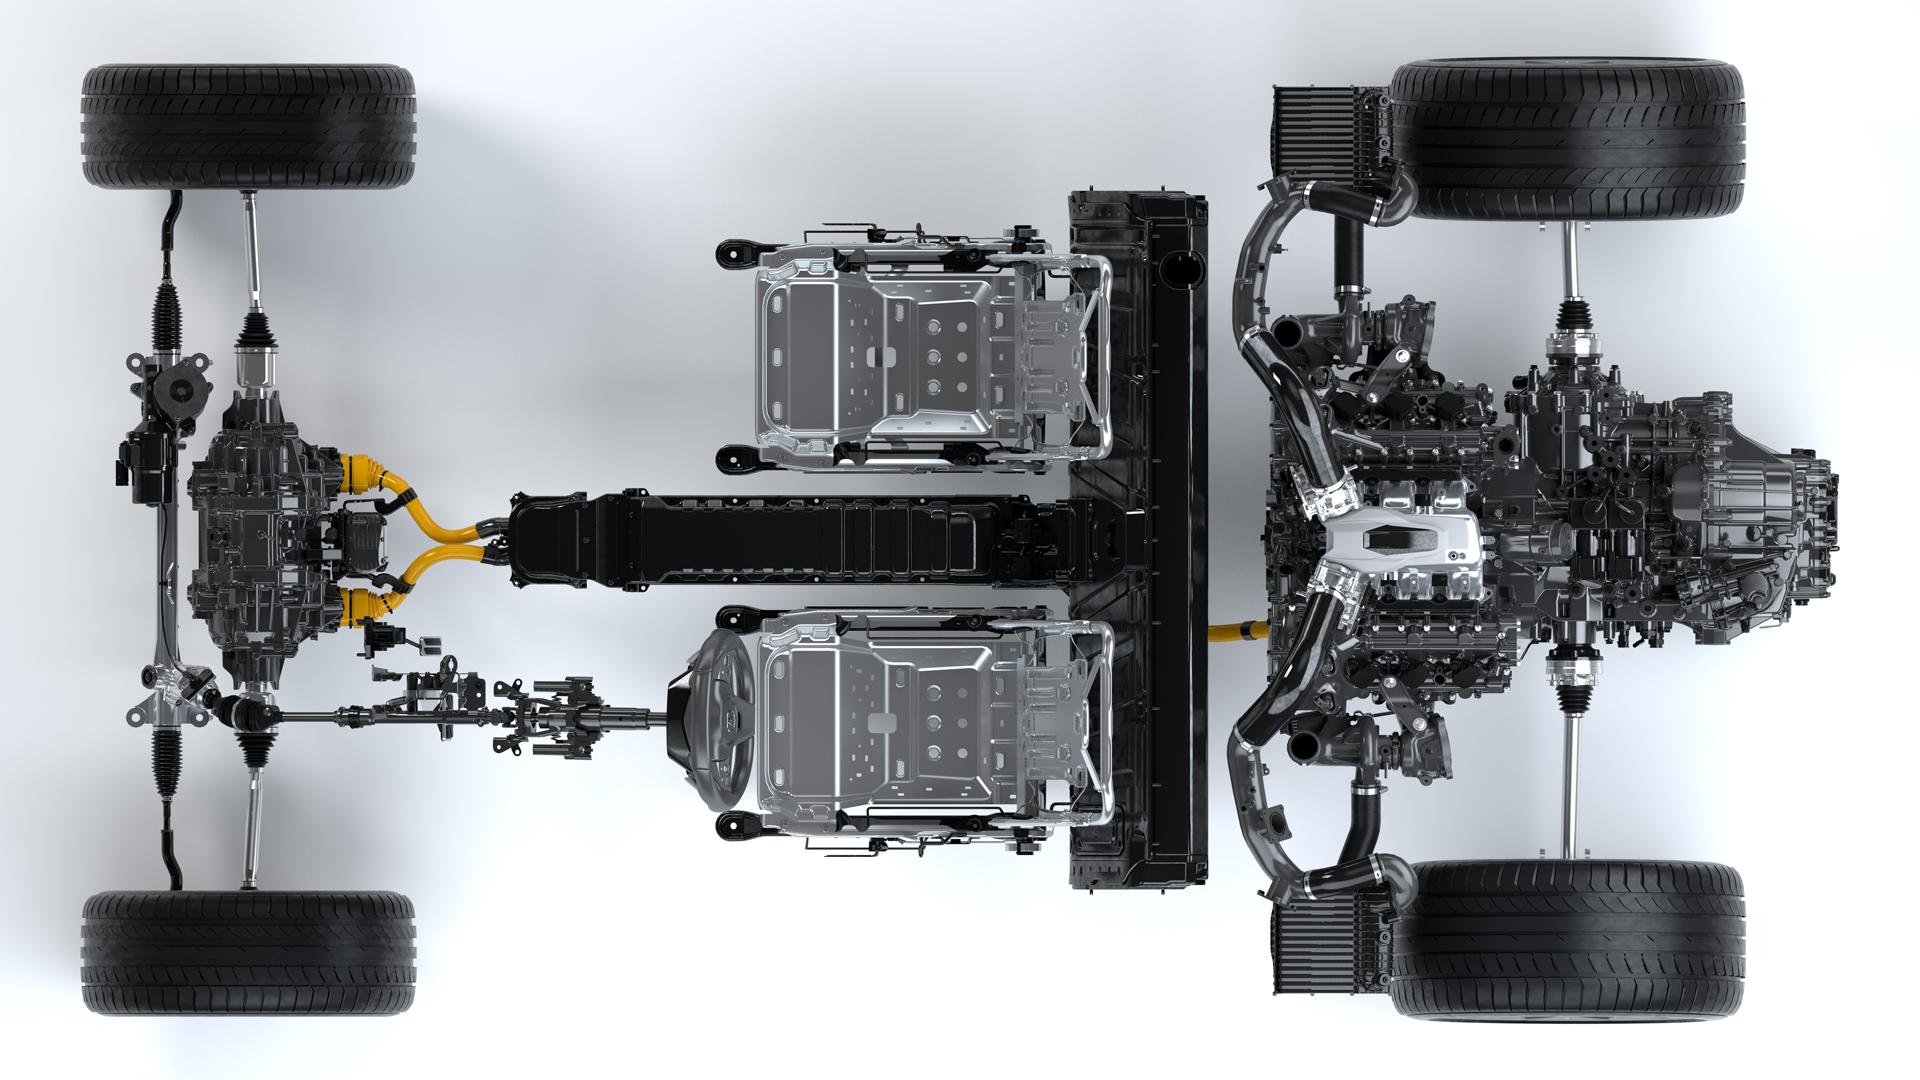 NSX - châssis + motorisation - Acura Honda